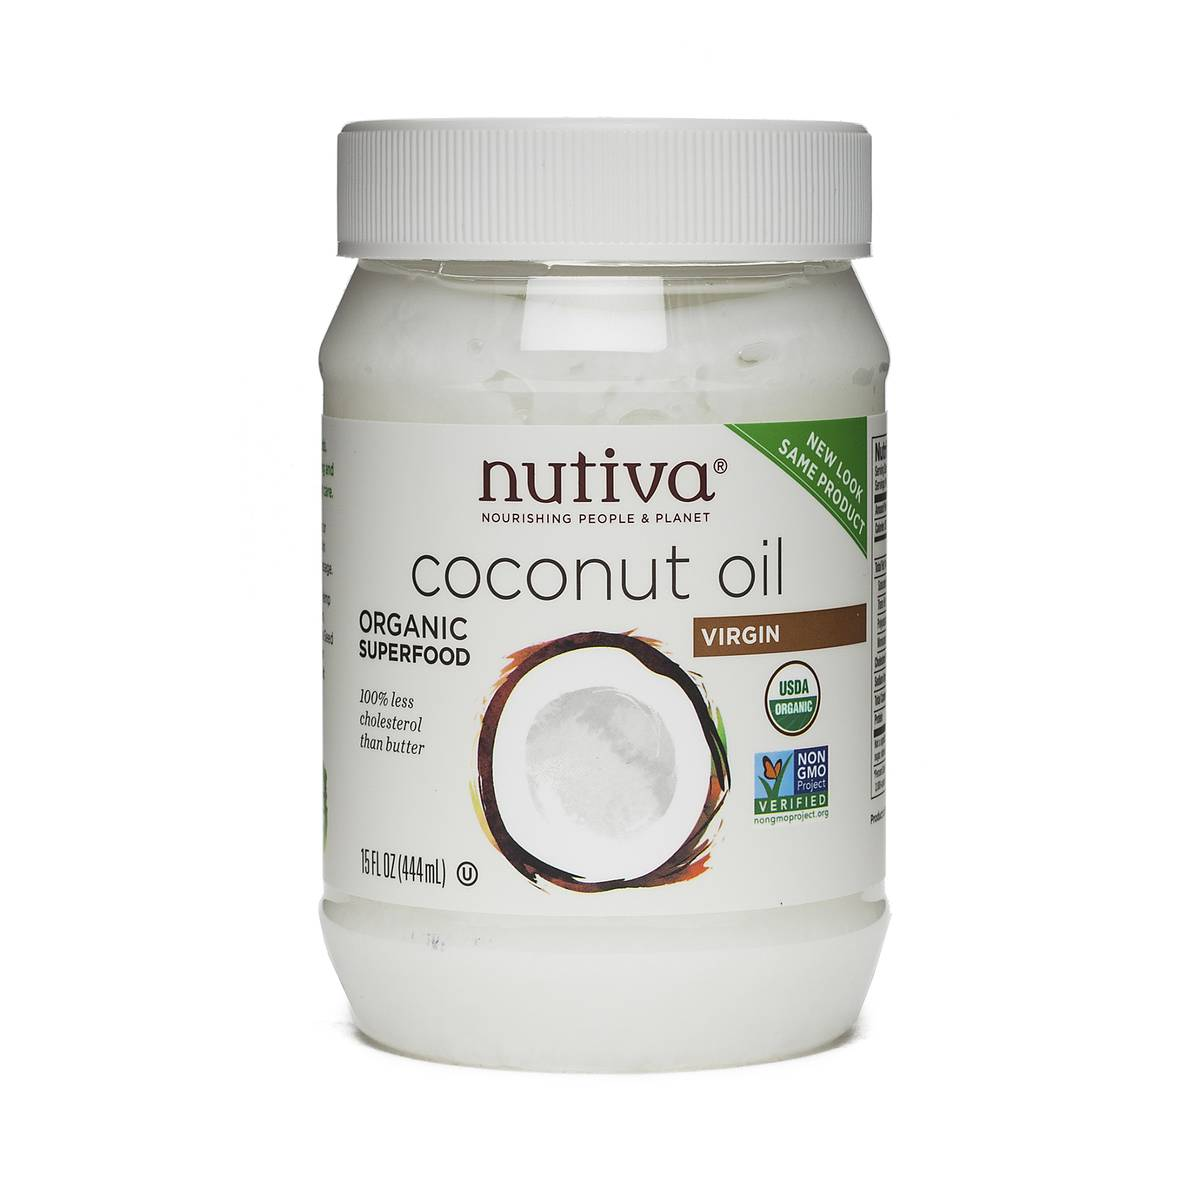 Nutiva Organic Virgin Coconut Oil - Thrive Market